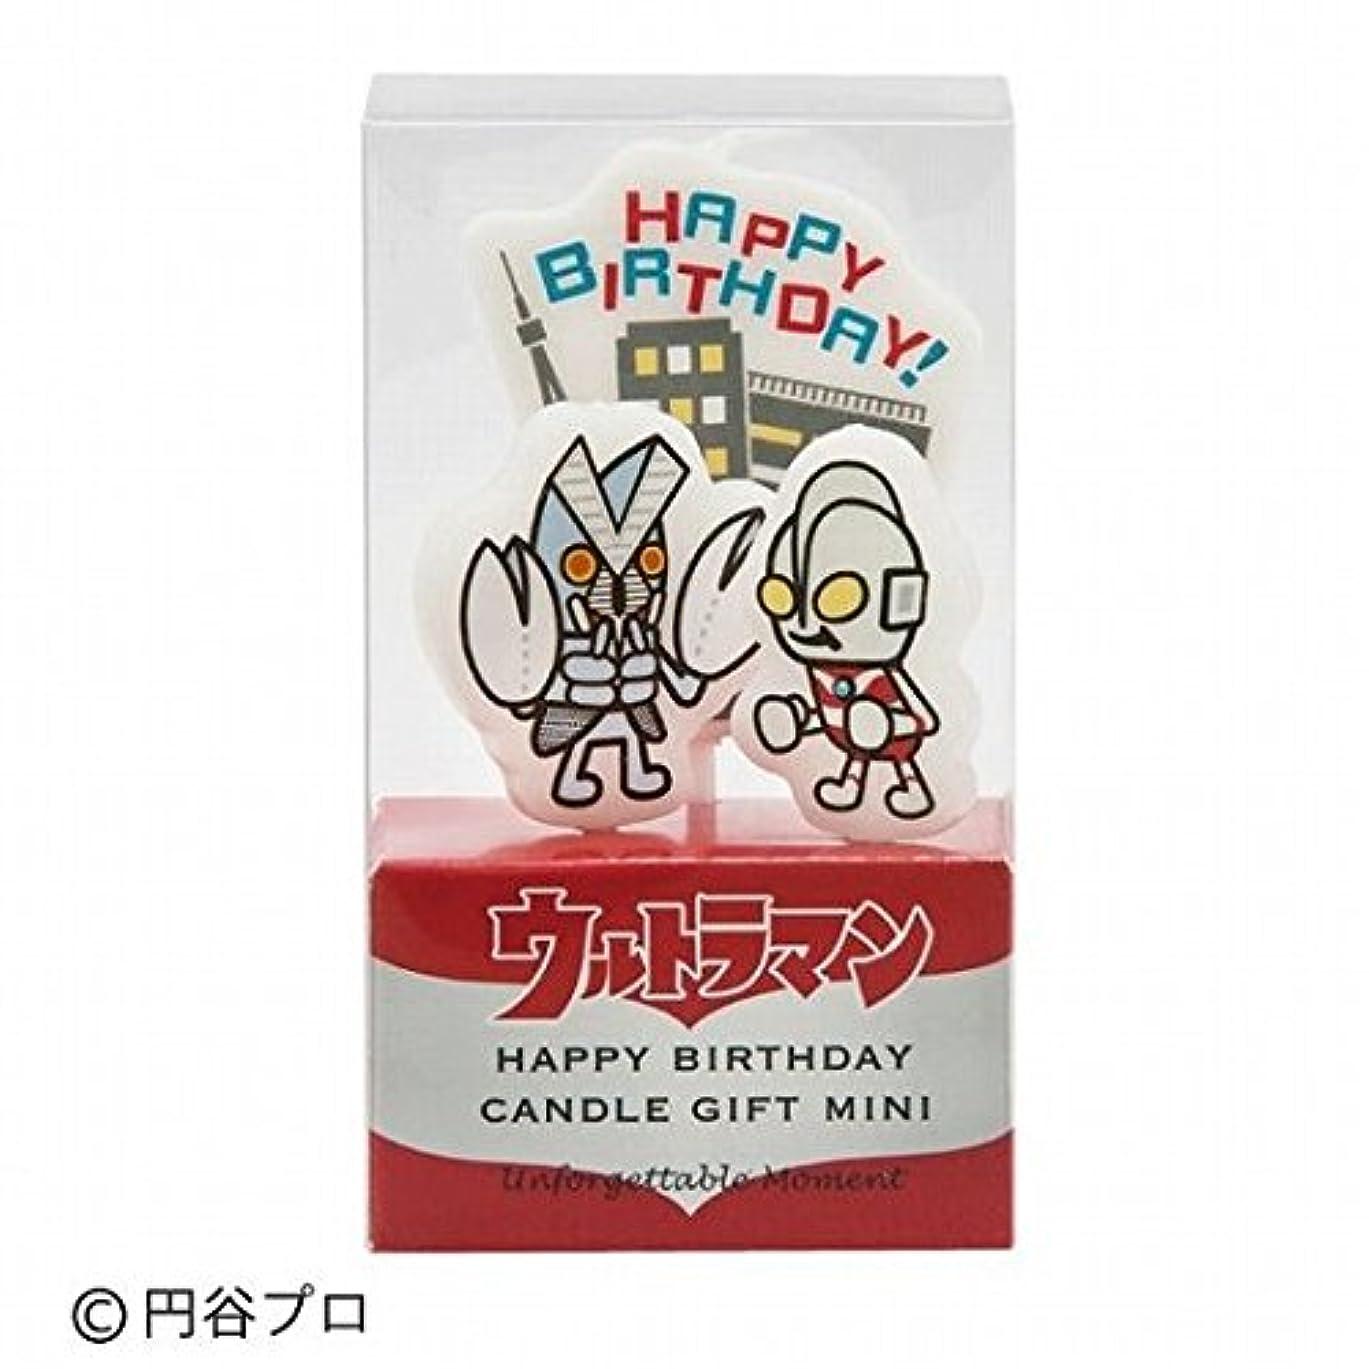 野ウサギ永久に一般的にkameyama candle(カメヤマキャンドル) ウルトラマンキャンドルギフトミニ 「 ハッピーバースデー 」(55360060)